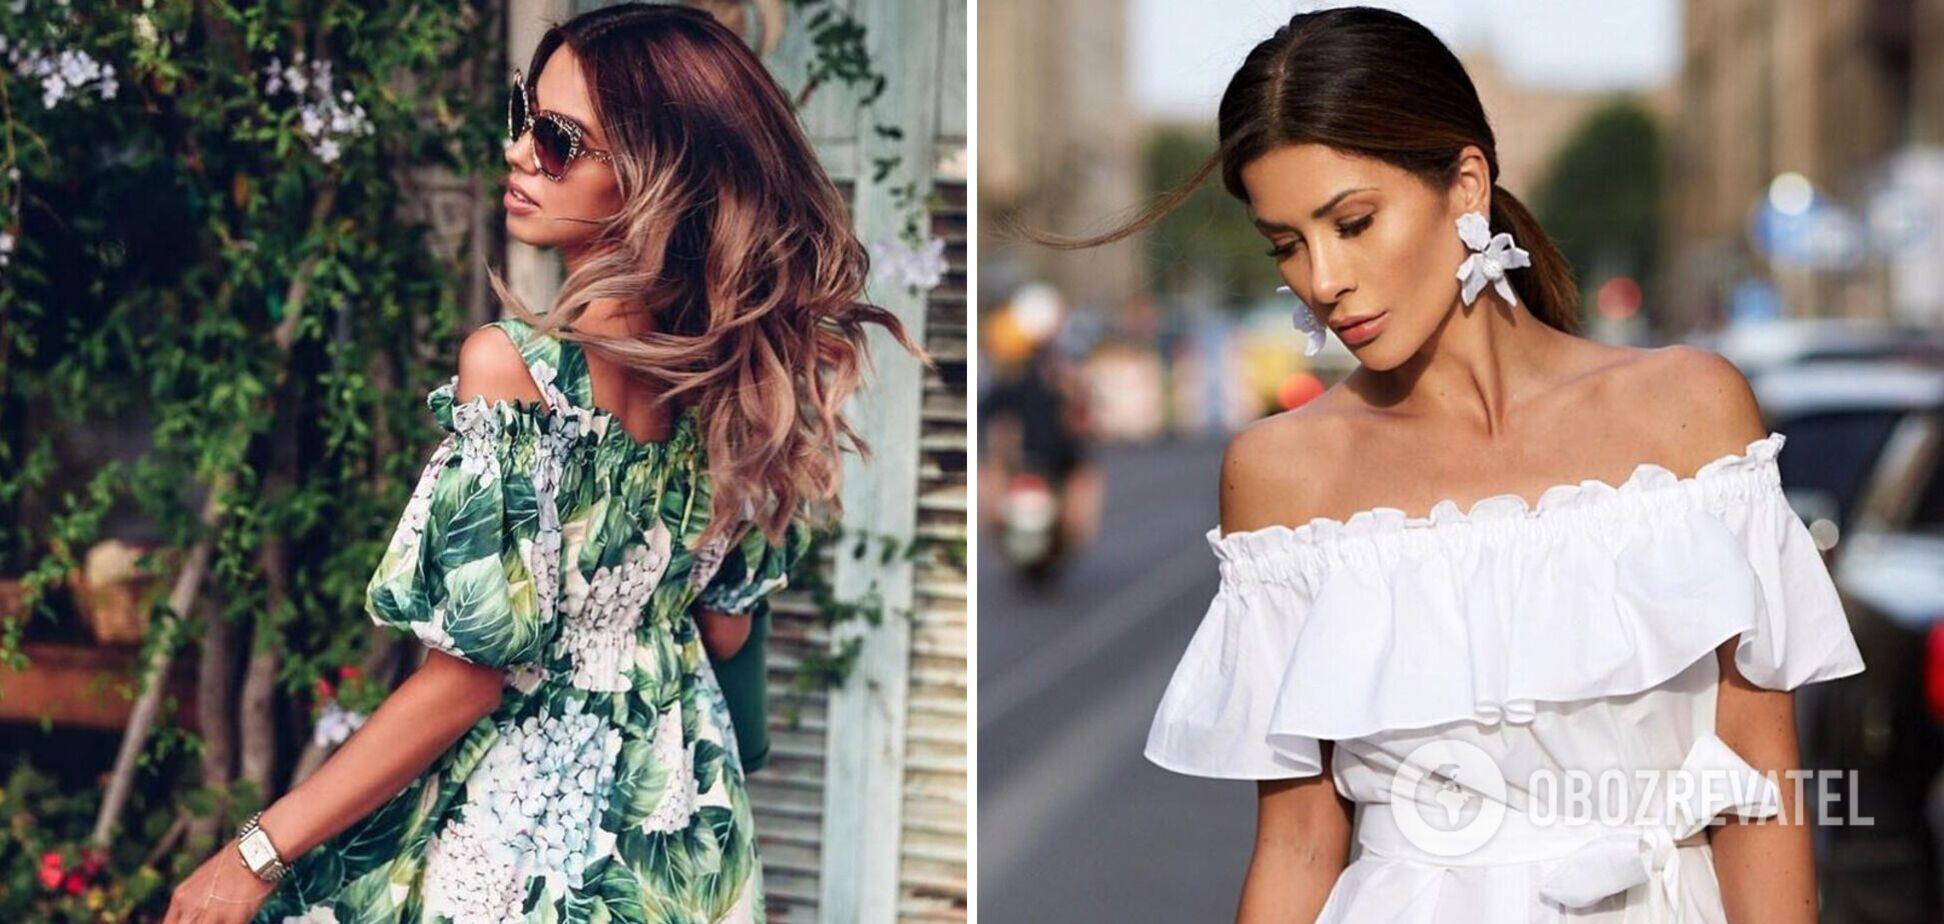 Летние платья, которые всегда будут в трендах: топ-5 идей. Фото